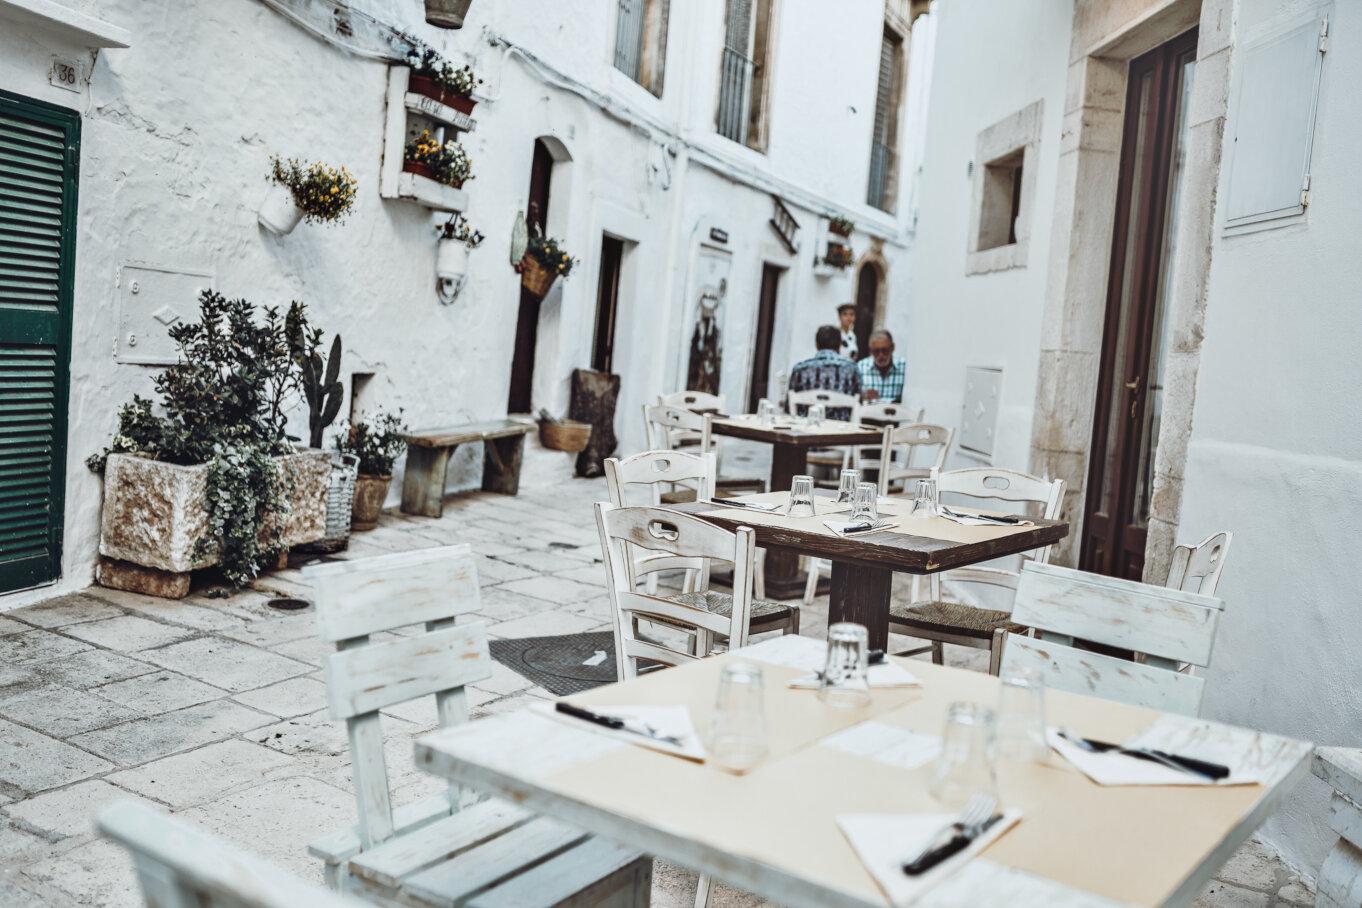 Błądząc po mieście można trafić na kawiarnie i restauracje